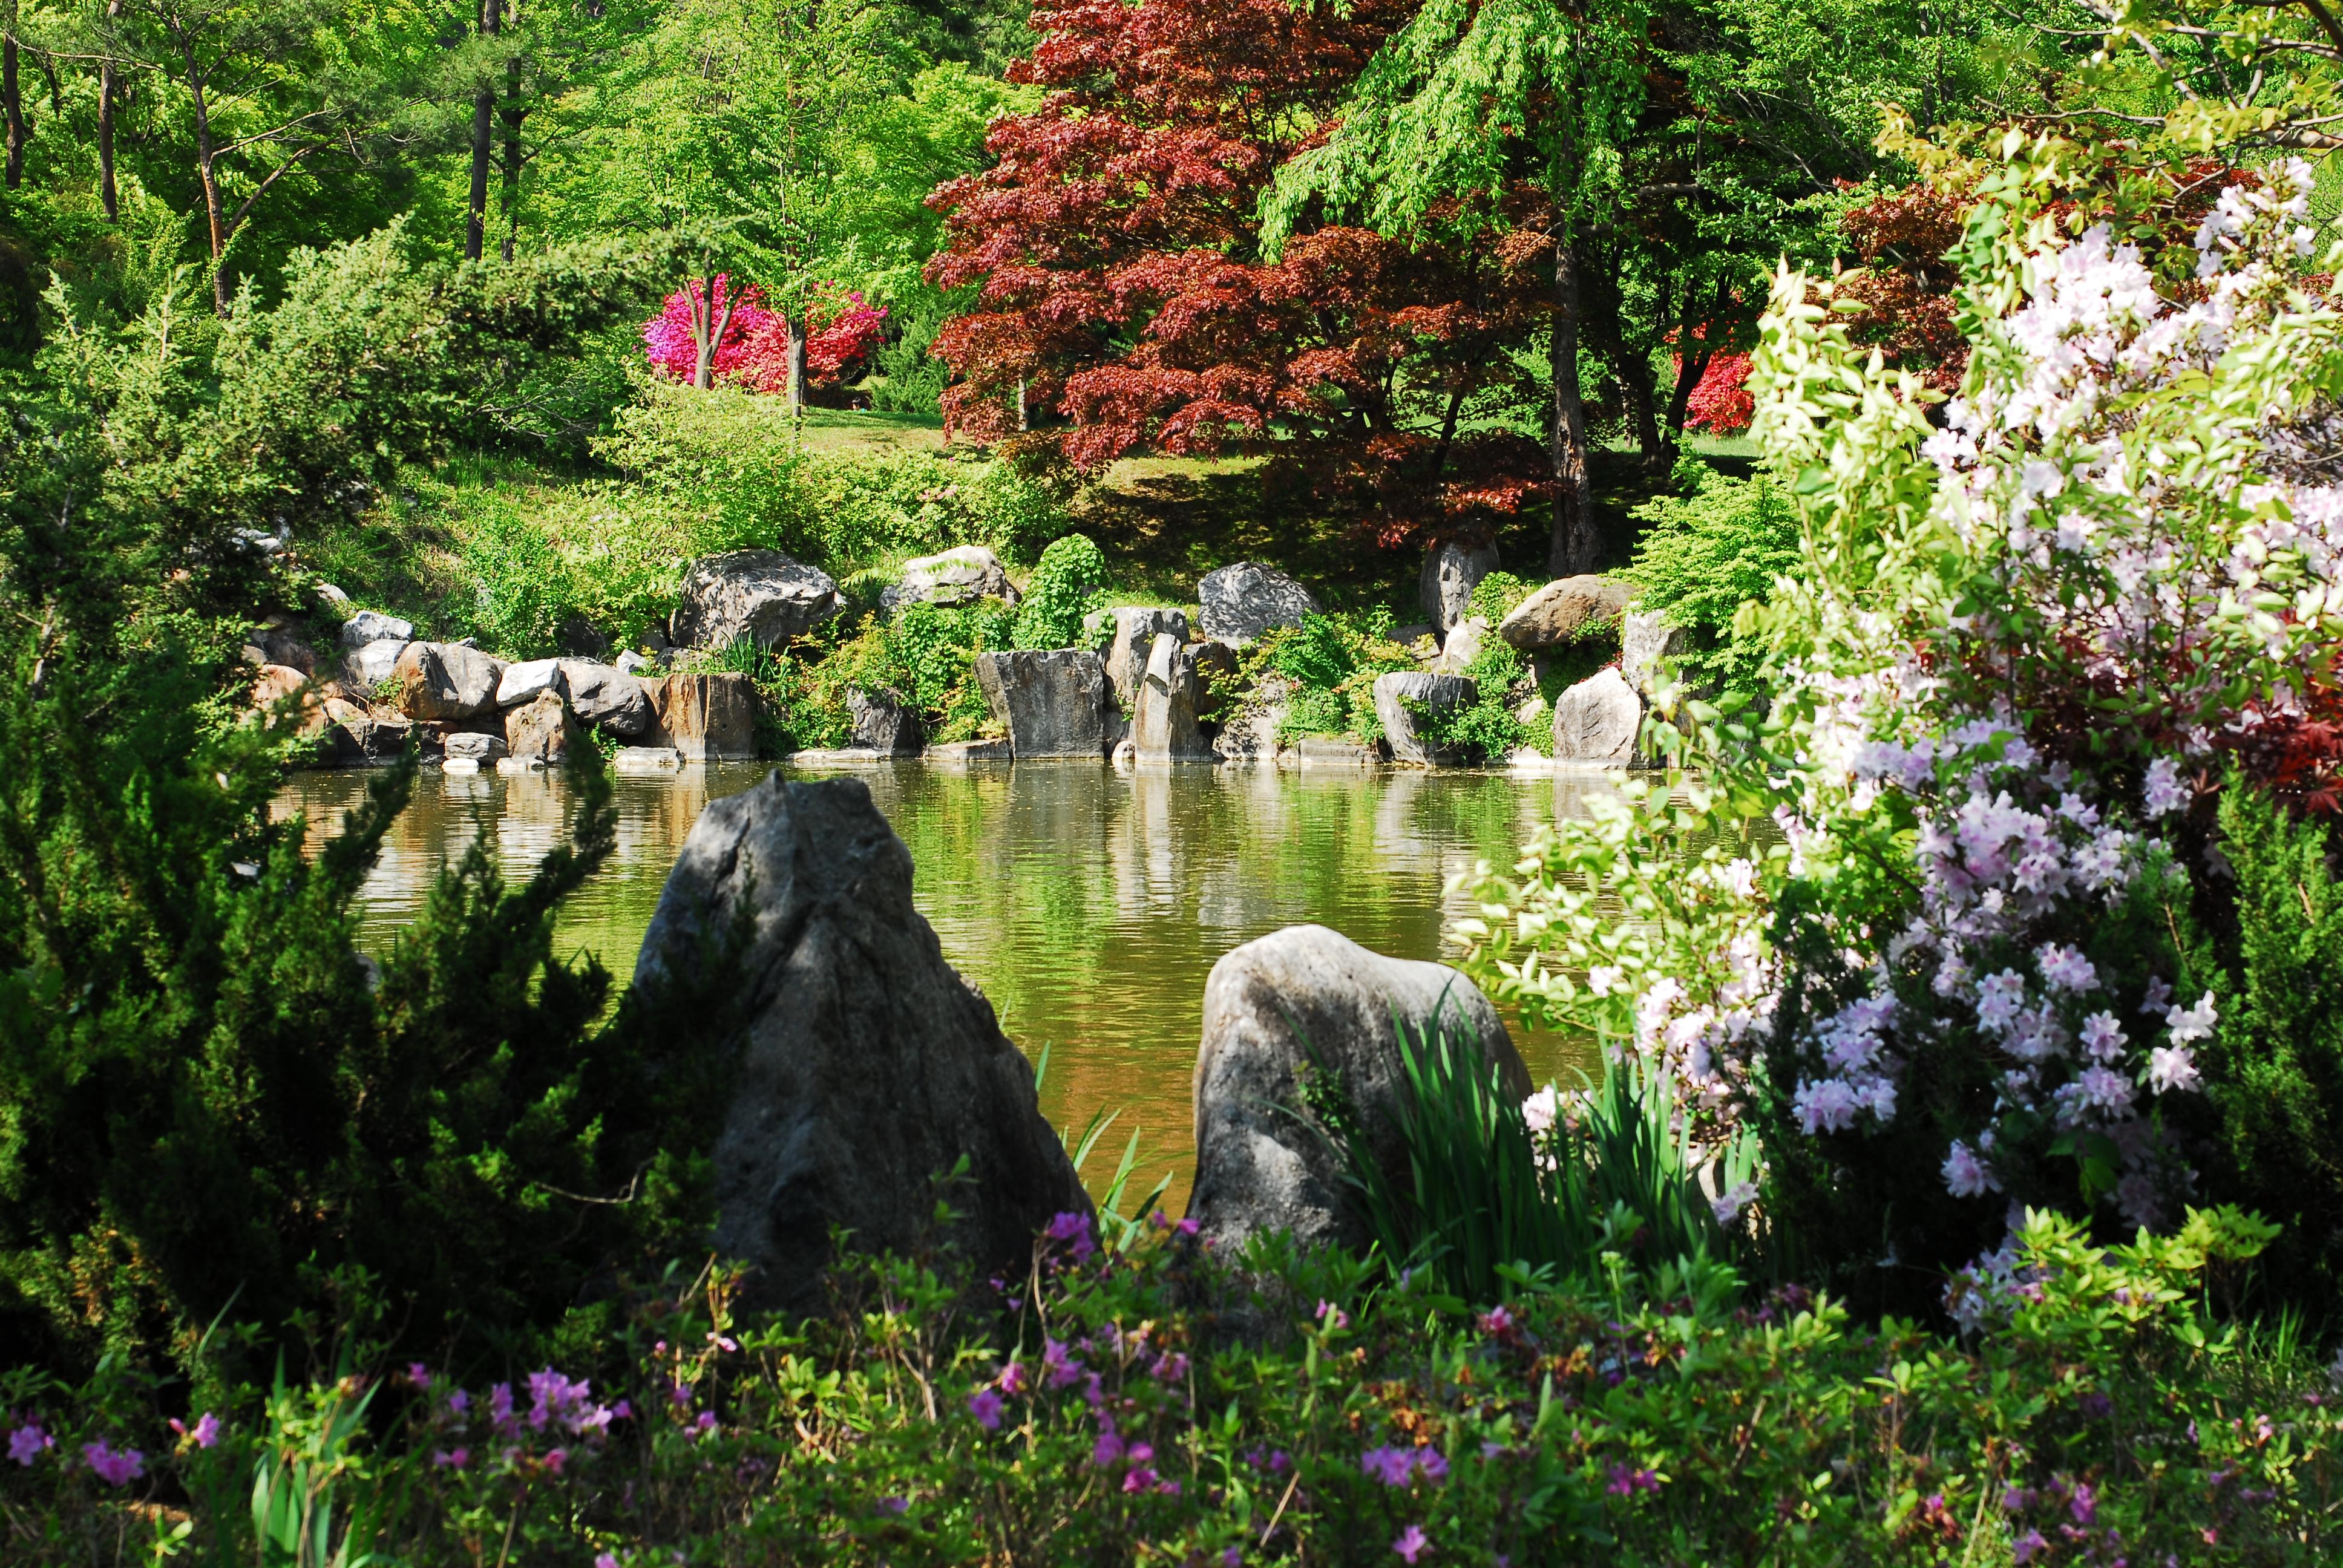 Korean Landscape Garden : Berkas korea asan spring garden near hyeonchungsa g wikipedia